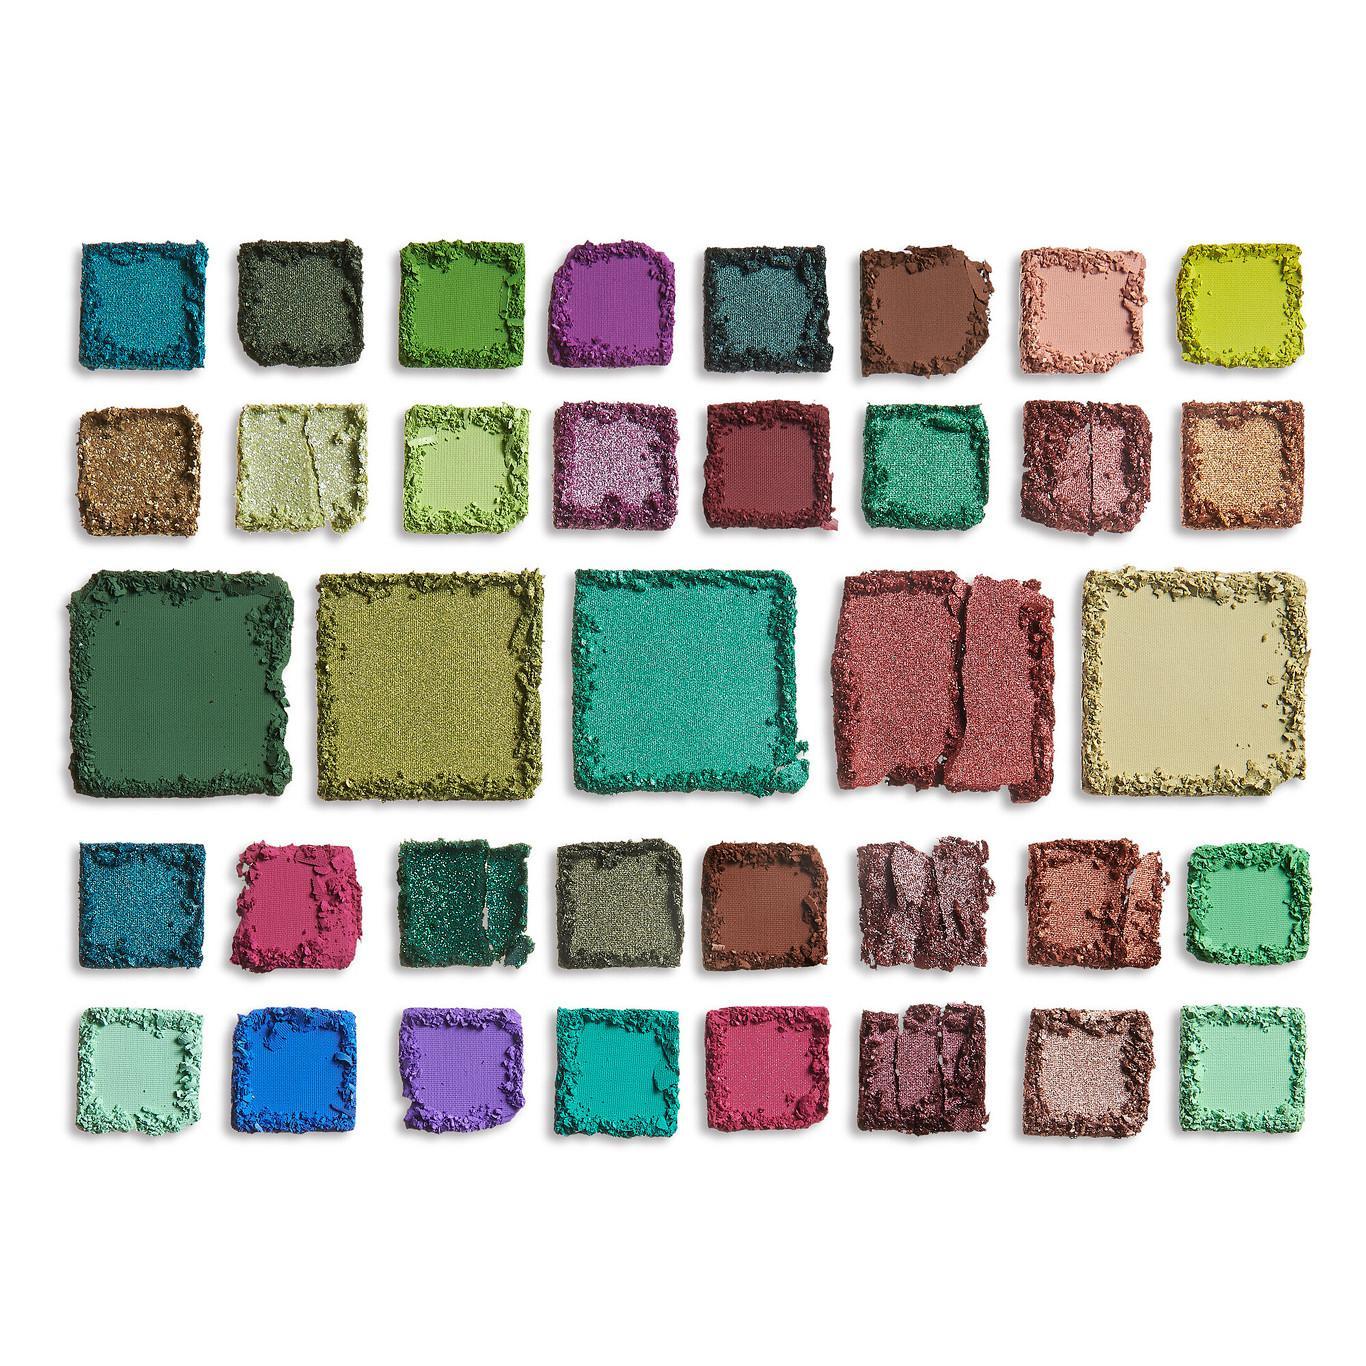 XX Revolution X Envy Eyeshadow Palette Crashes